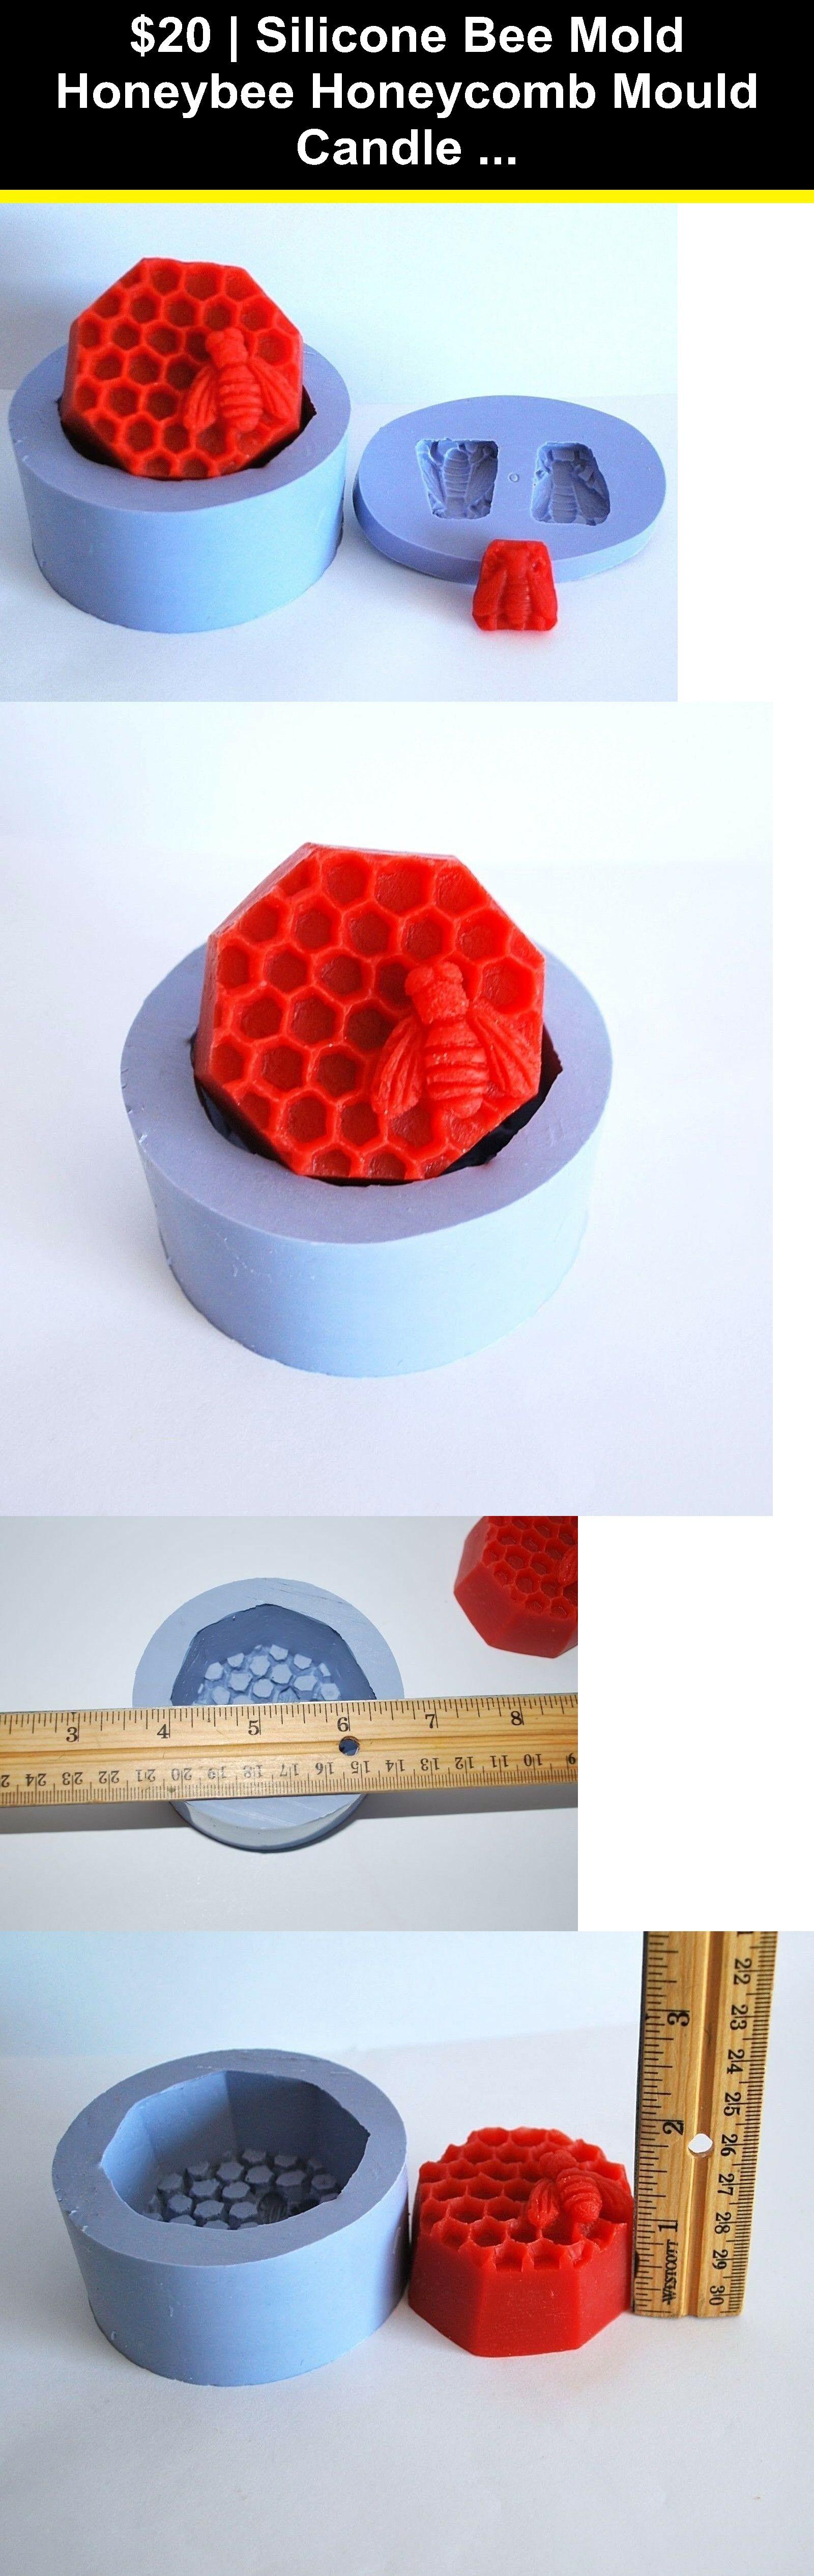 Candle molds 41207 silicone bee mold honeybee